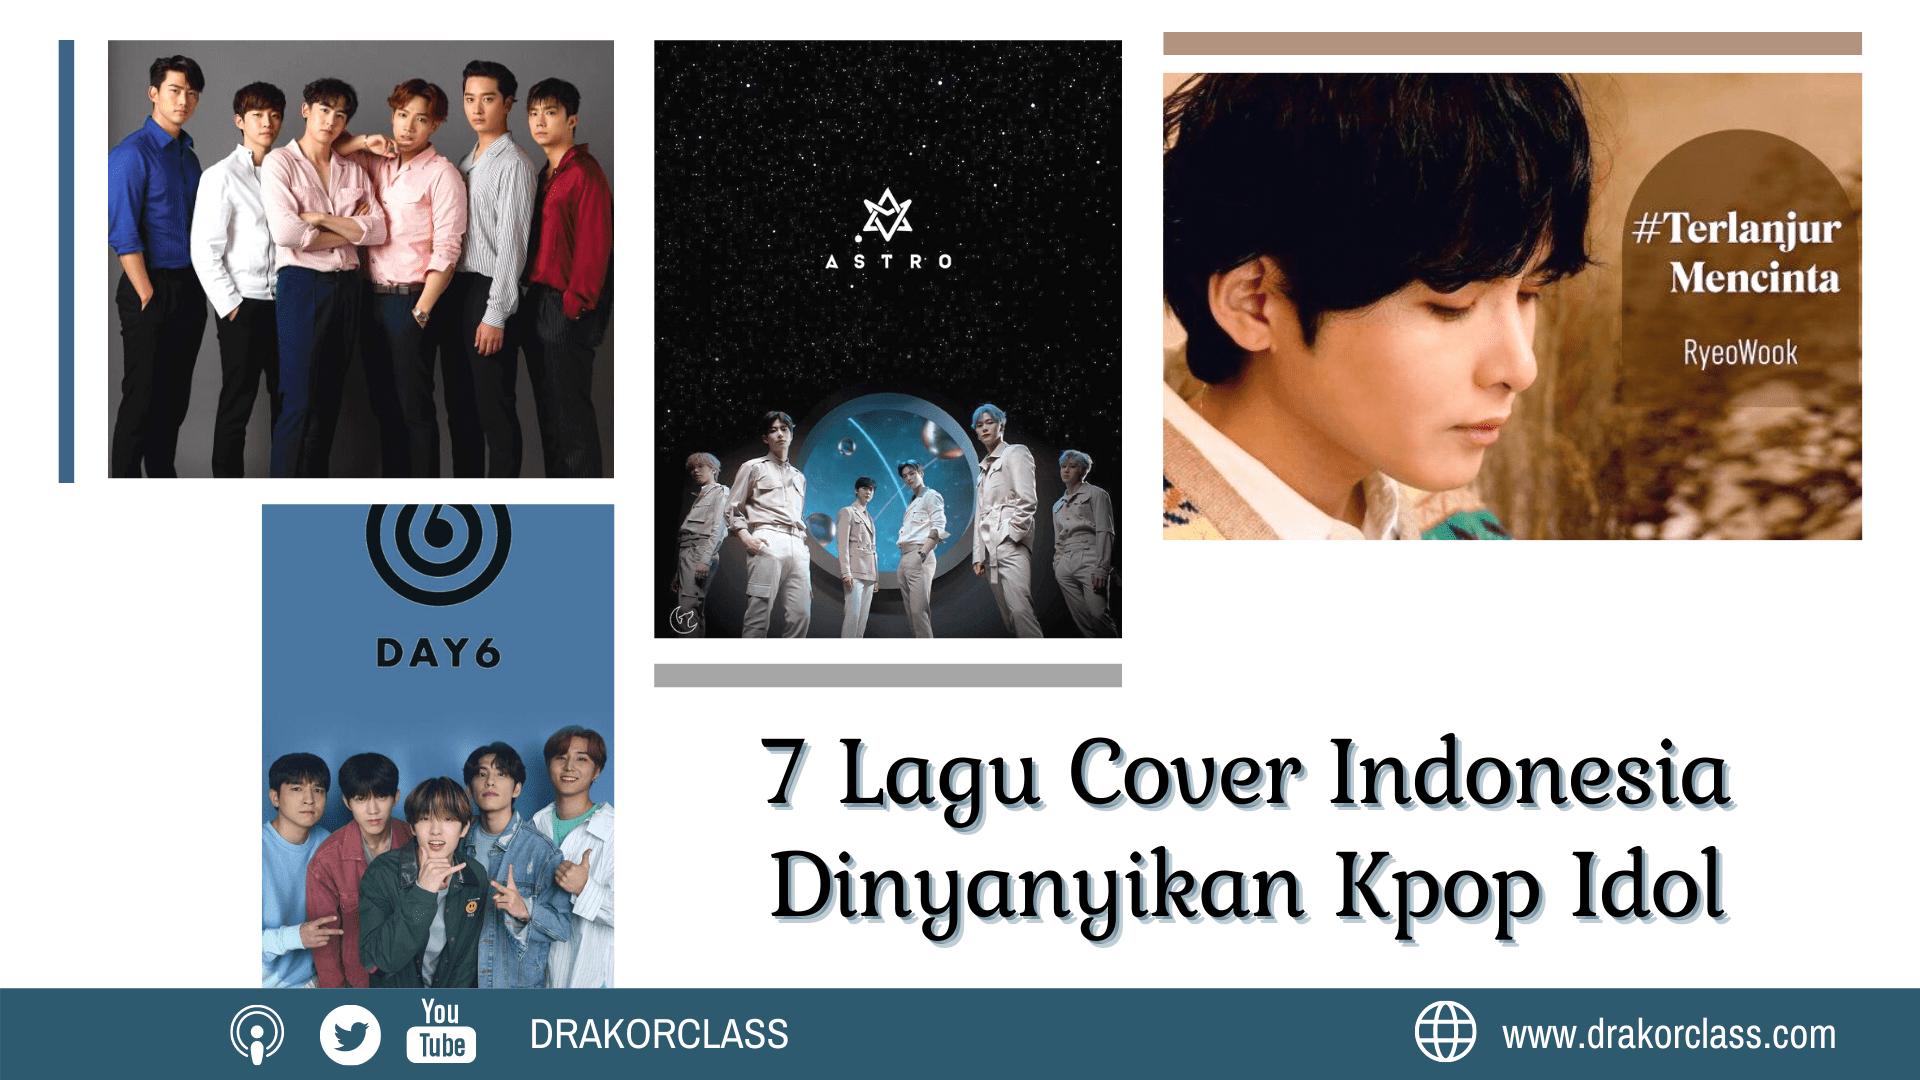 7 Lagu Cover Indonesia Dinyanyikan Kpop Idol